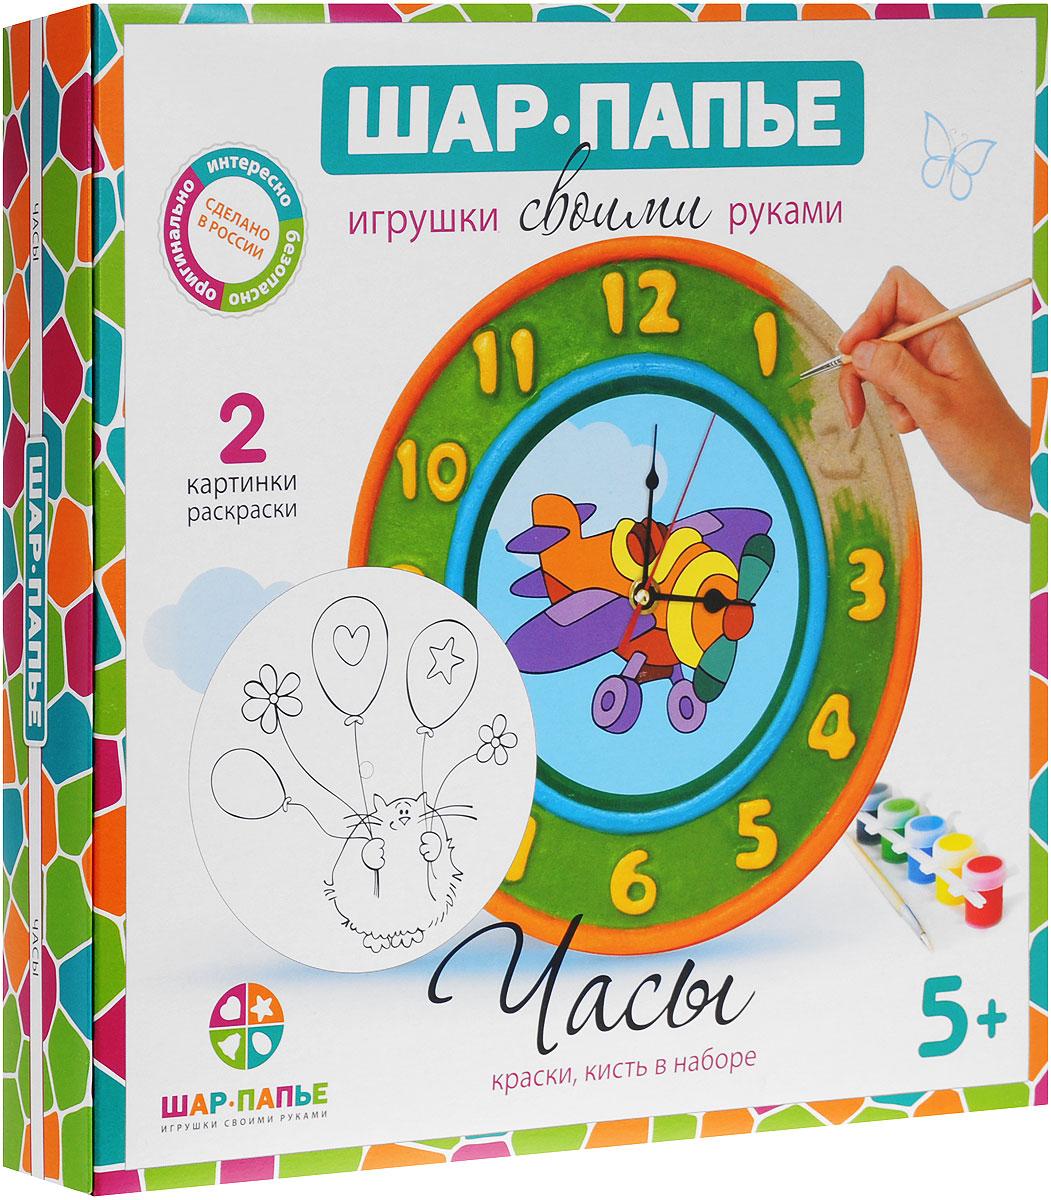 Шар-папье Набор для изготовления игрушки Часы